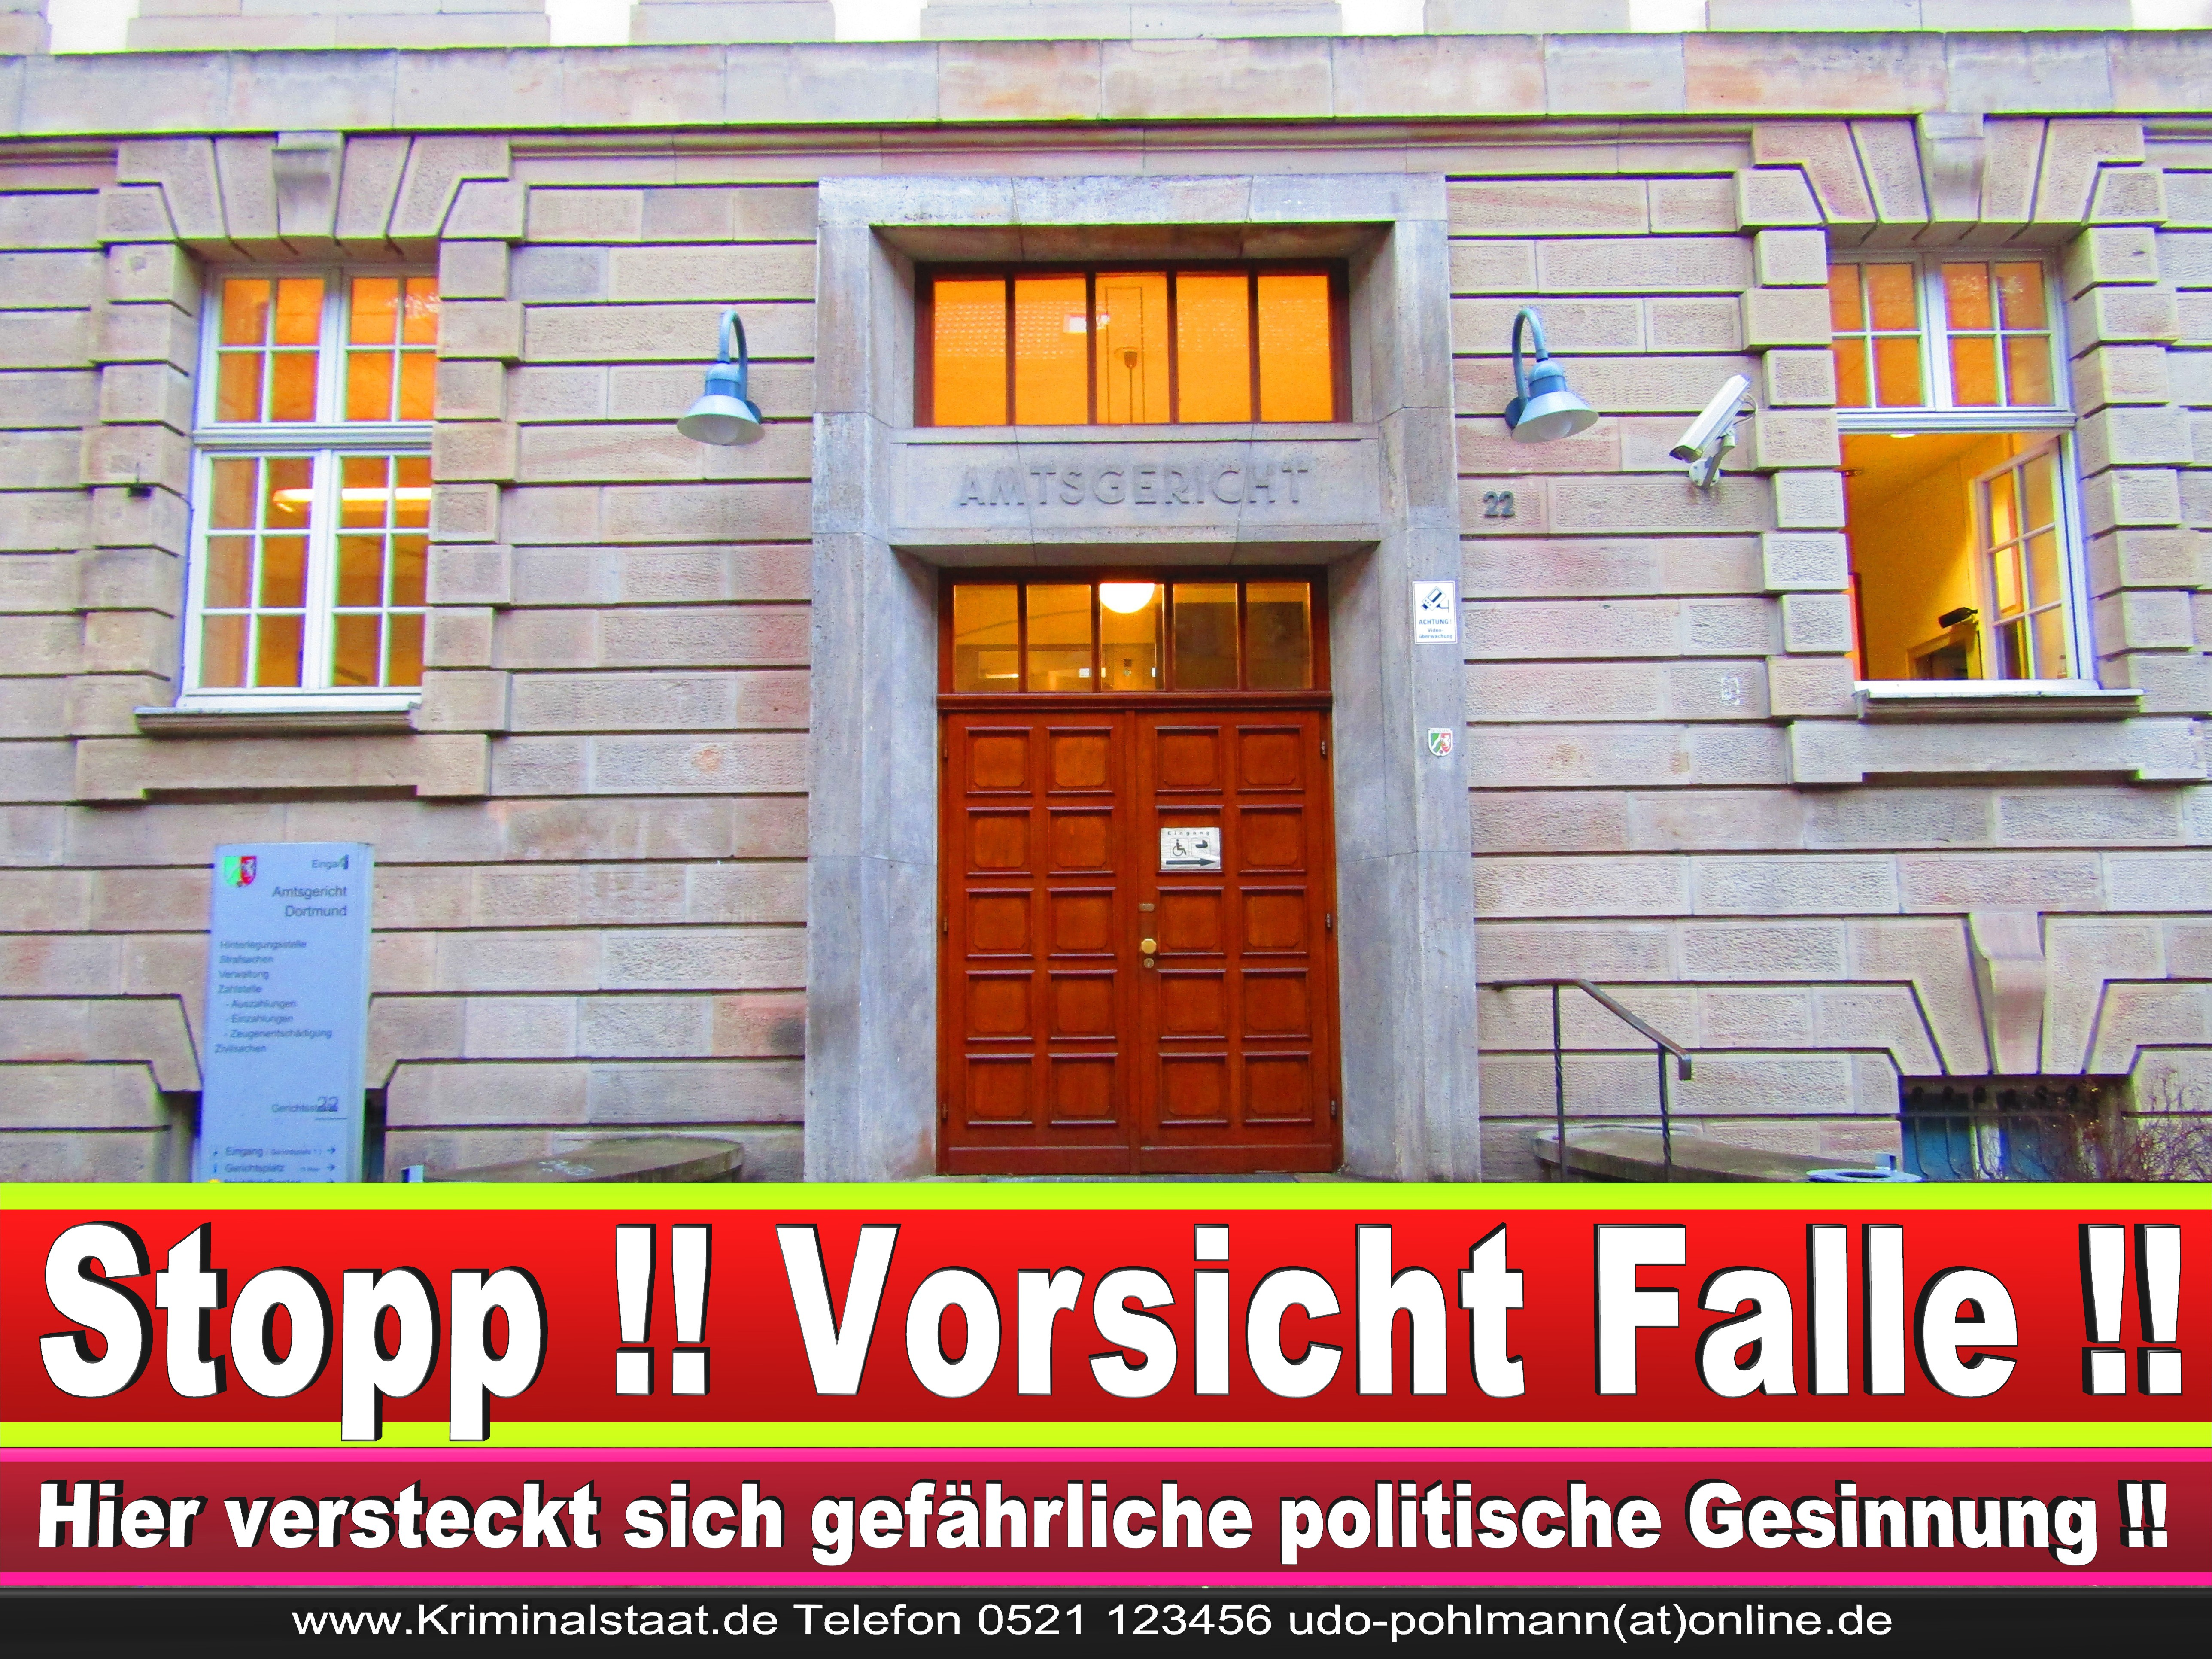 AMTSGERICHT DORTMUND RICHTER AUSBILDUNG PRAKTIKUM ANFAHRT URTEILE KORRUPTION POLIZEI ADRESSE DIREKTOR (4) 1 1